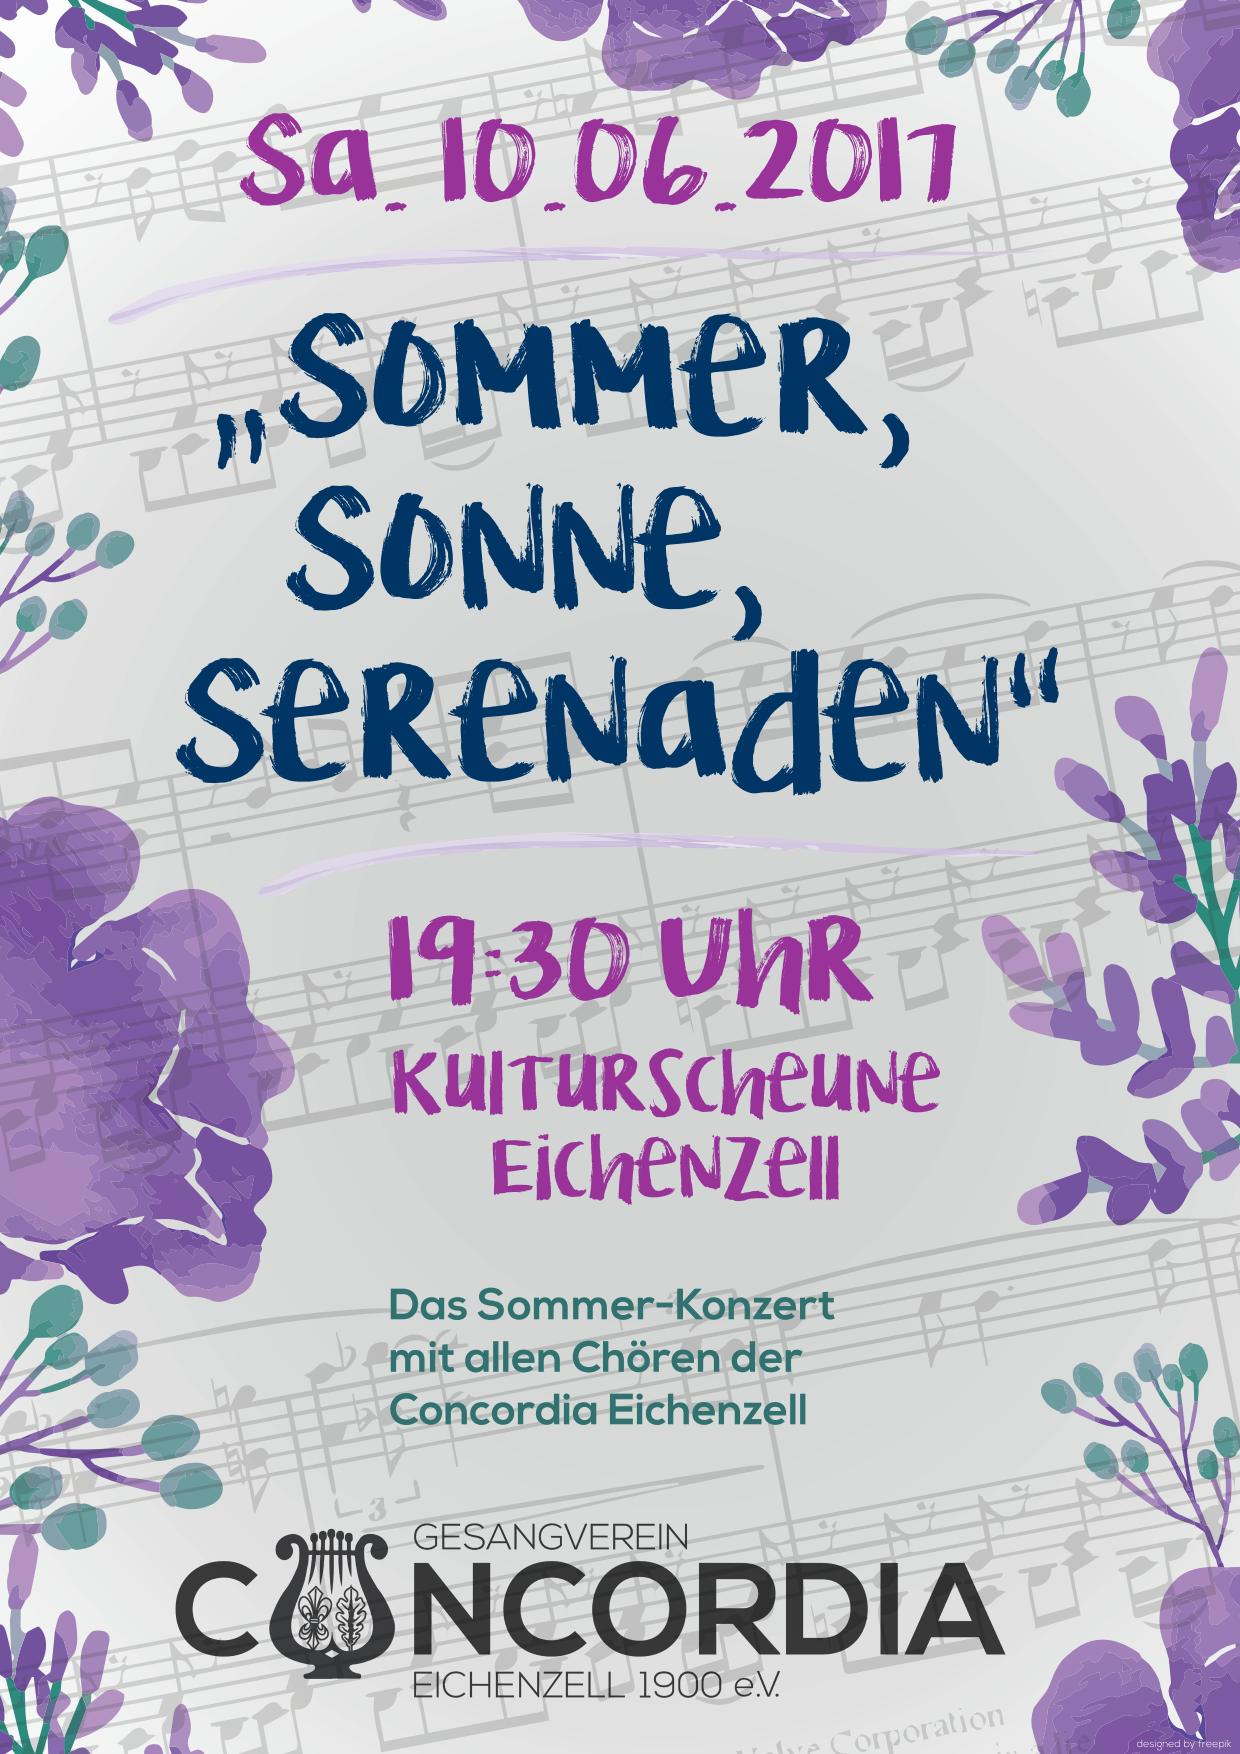 Sommer, Sonne, Serenaden